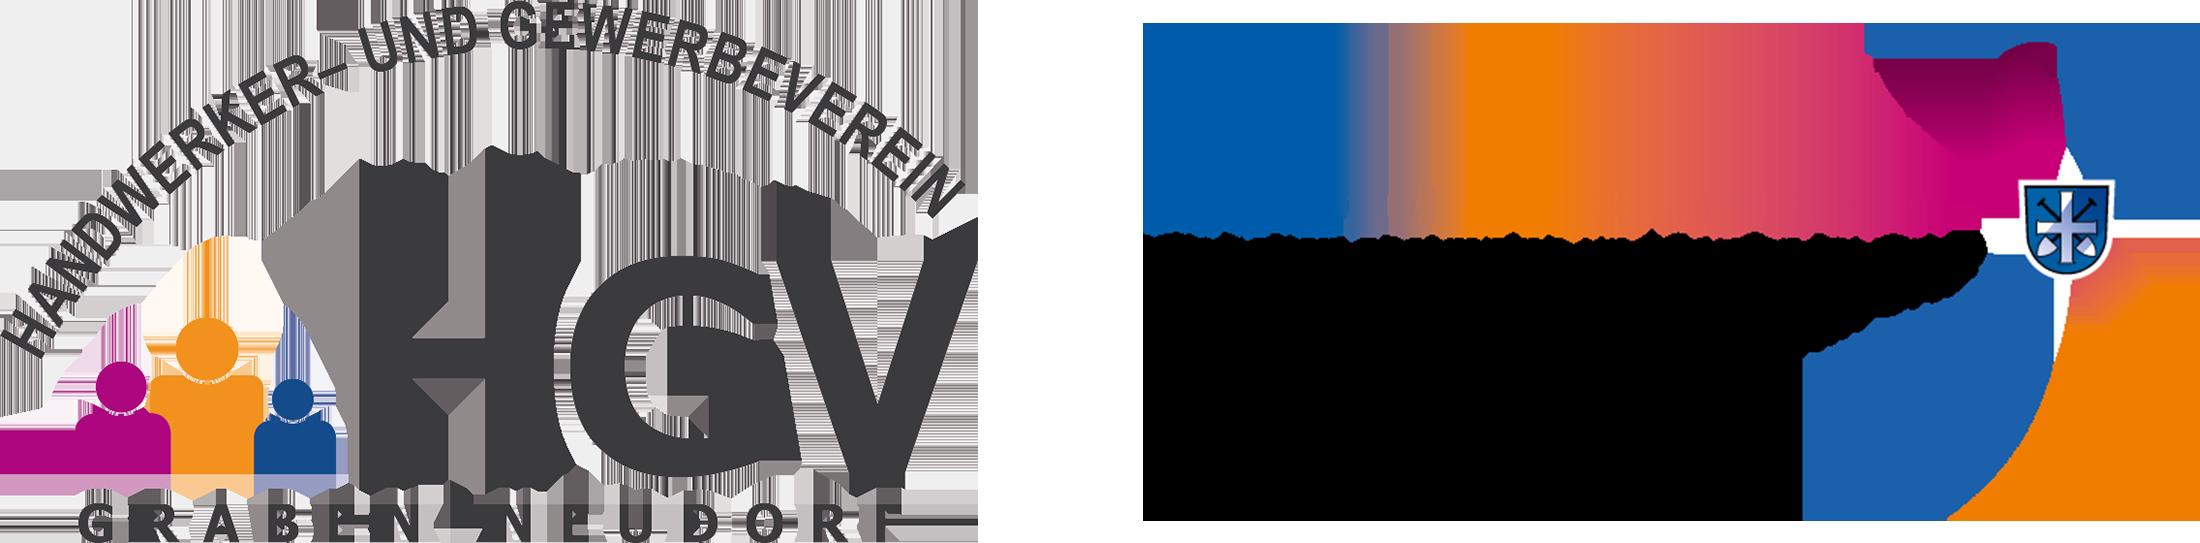 Handwerker und Gewerbeverein Graben-Neudorf